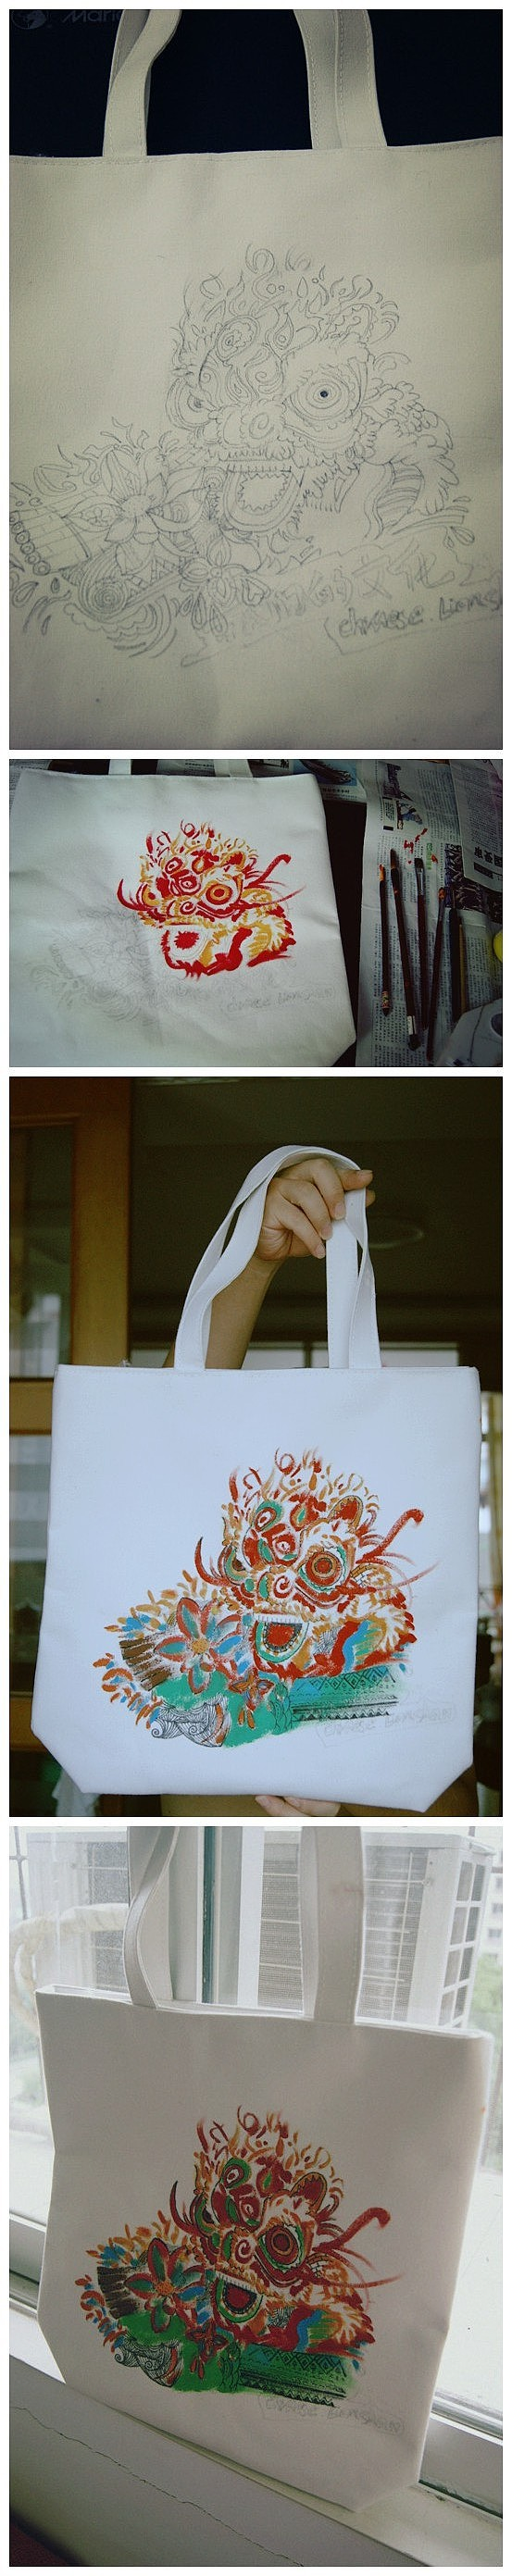 广州帆布包_手绘帆布袋 插画 插画习作 HXL1115 - 原创作品 - 站酷 (ZCOOL)